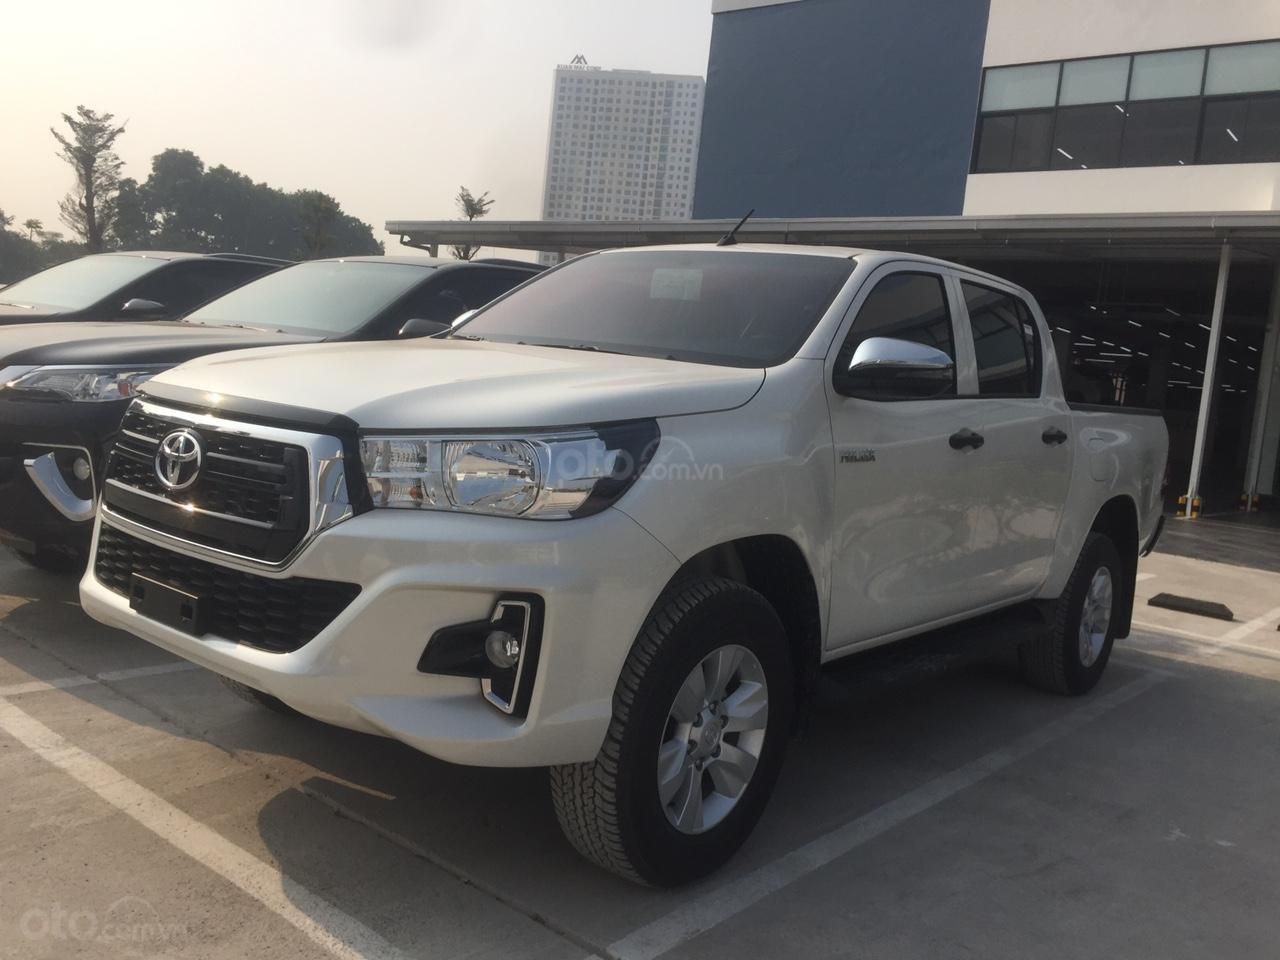 Toyota Hilux 2019 nhập khẩu - đủ màu giao ngay, giảm giá sốc và nhiều quà tặng giá trị. LH 097504019 (10)